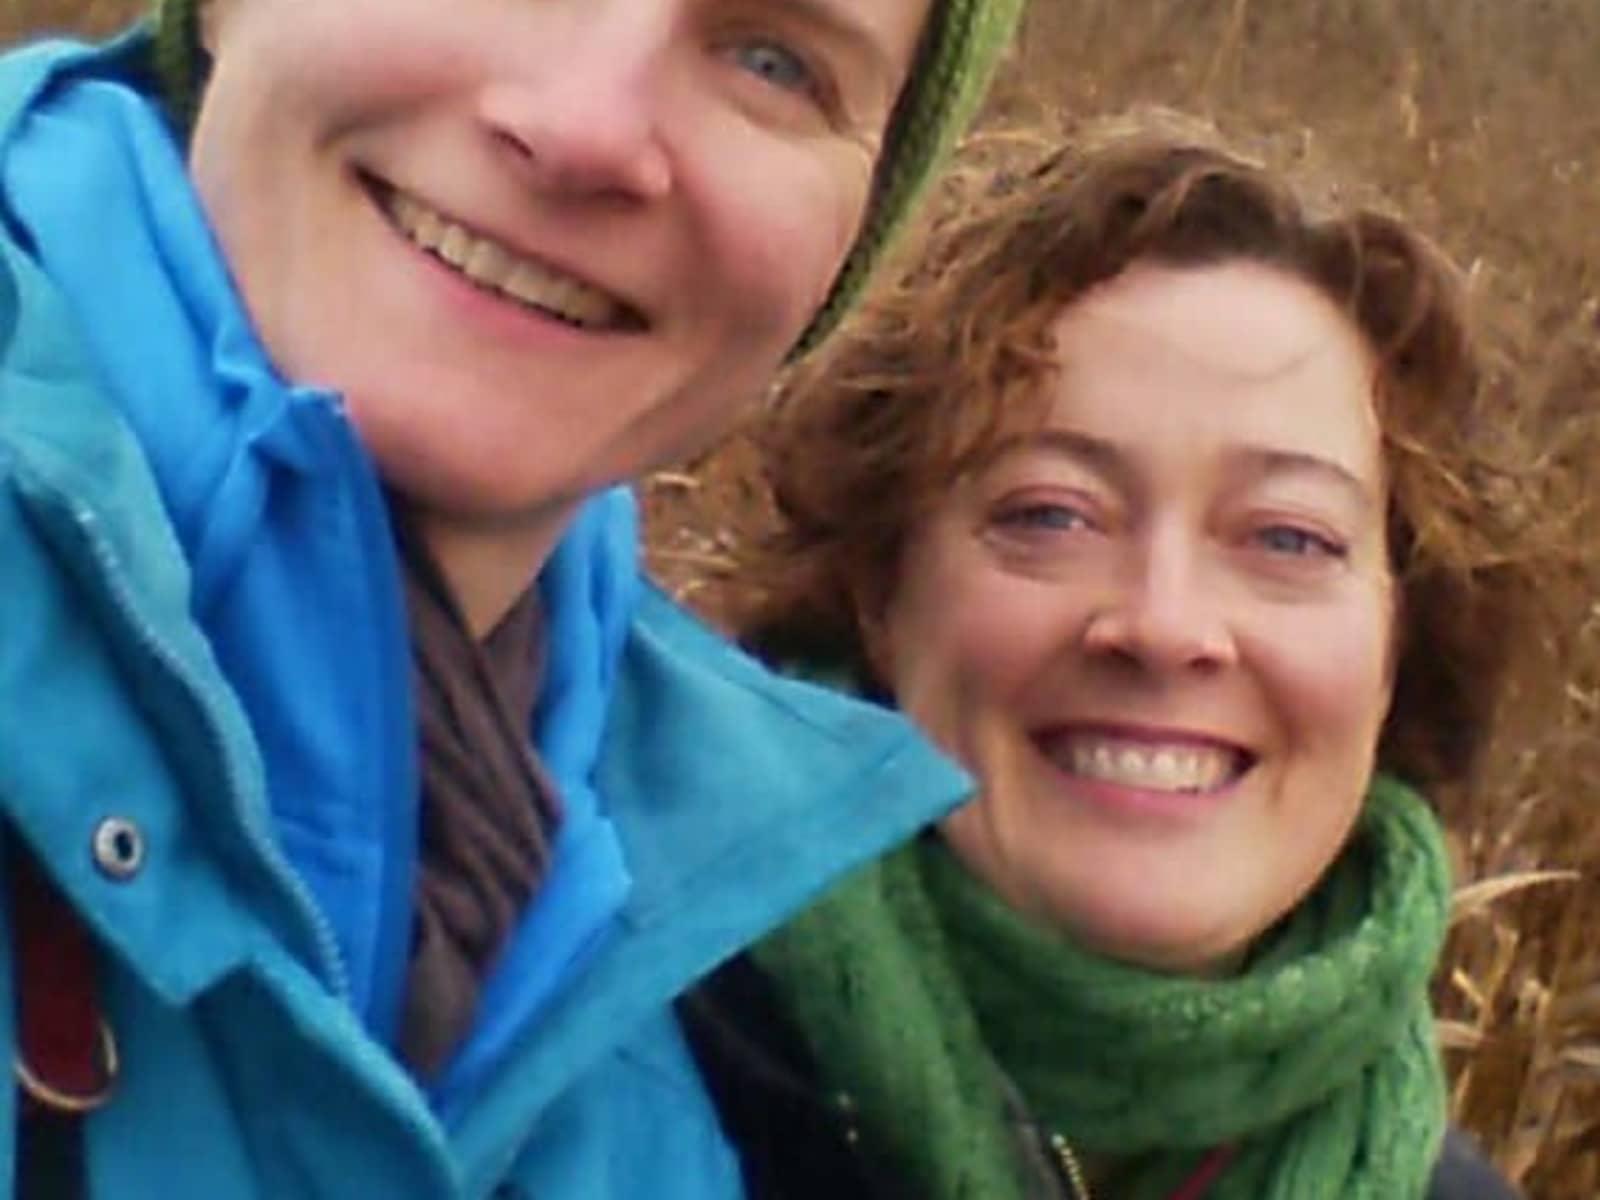 Paige & Annika from Vienna, Austria